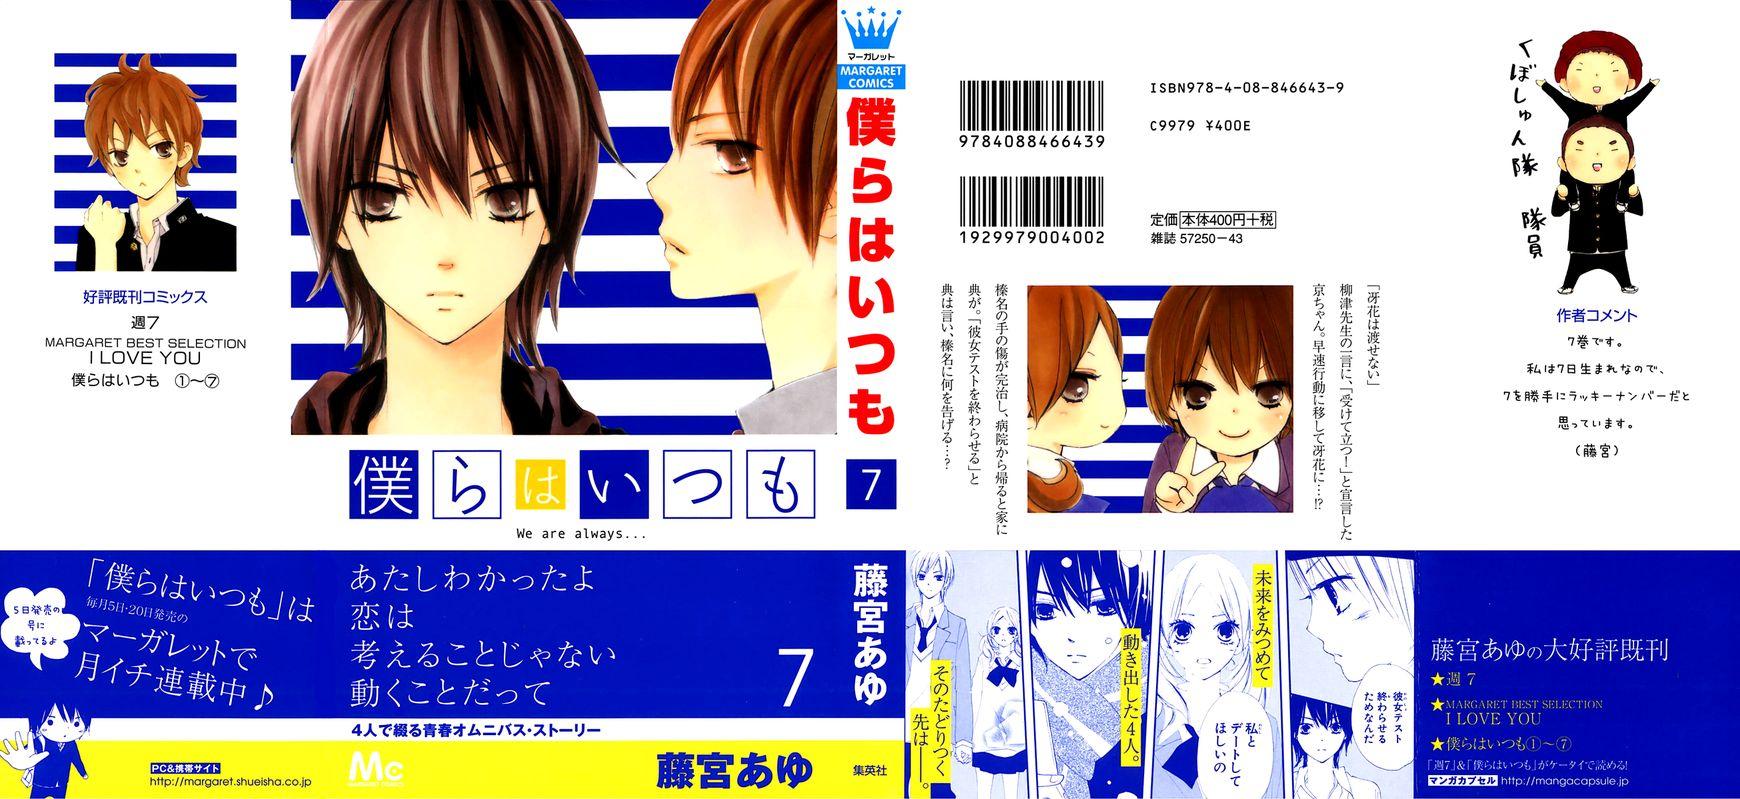 Bokura wa Itsumo 36 Page 2